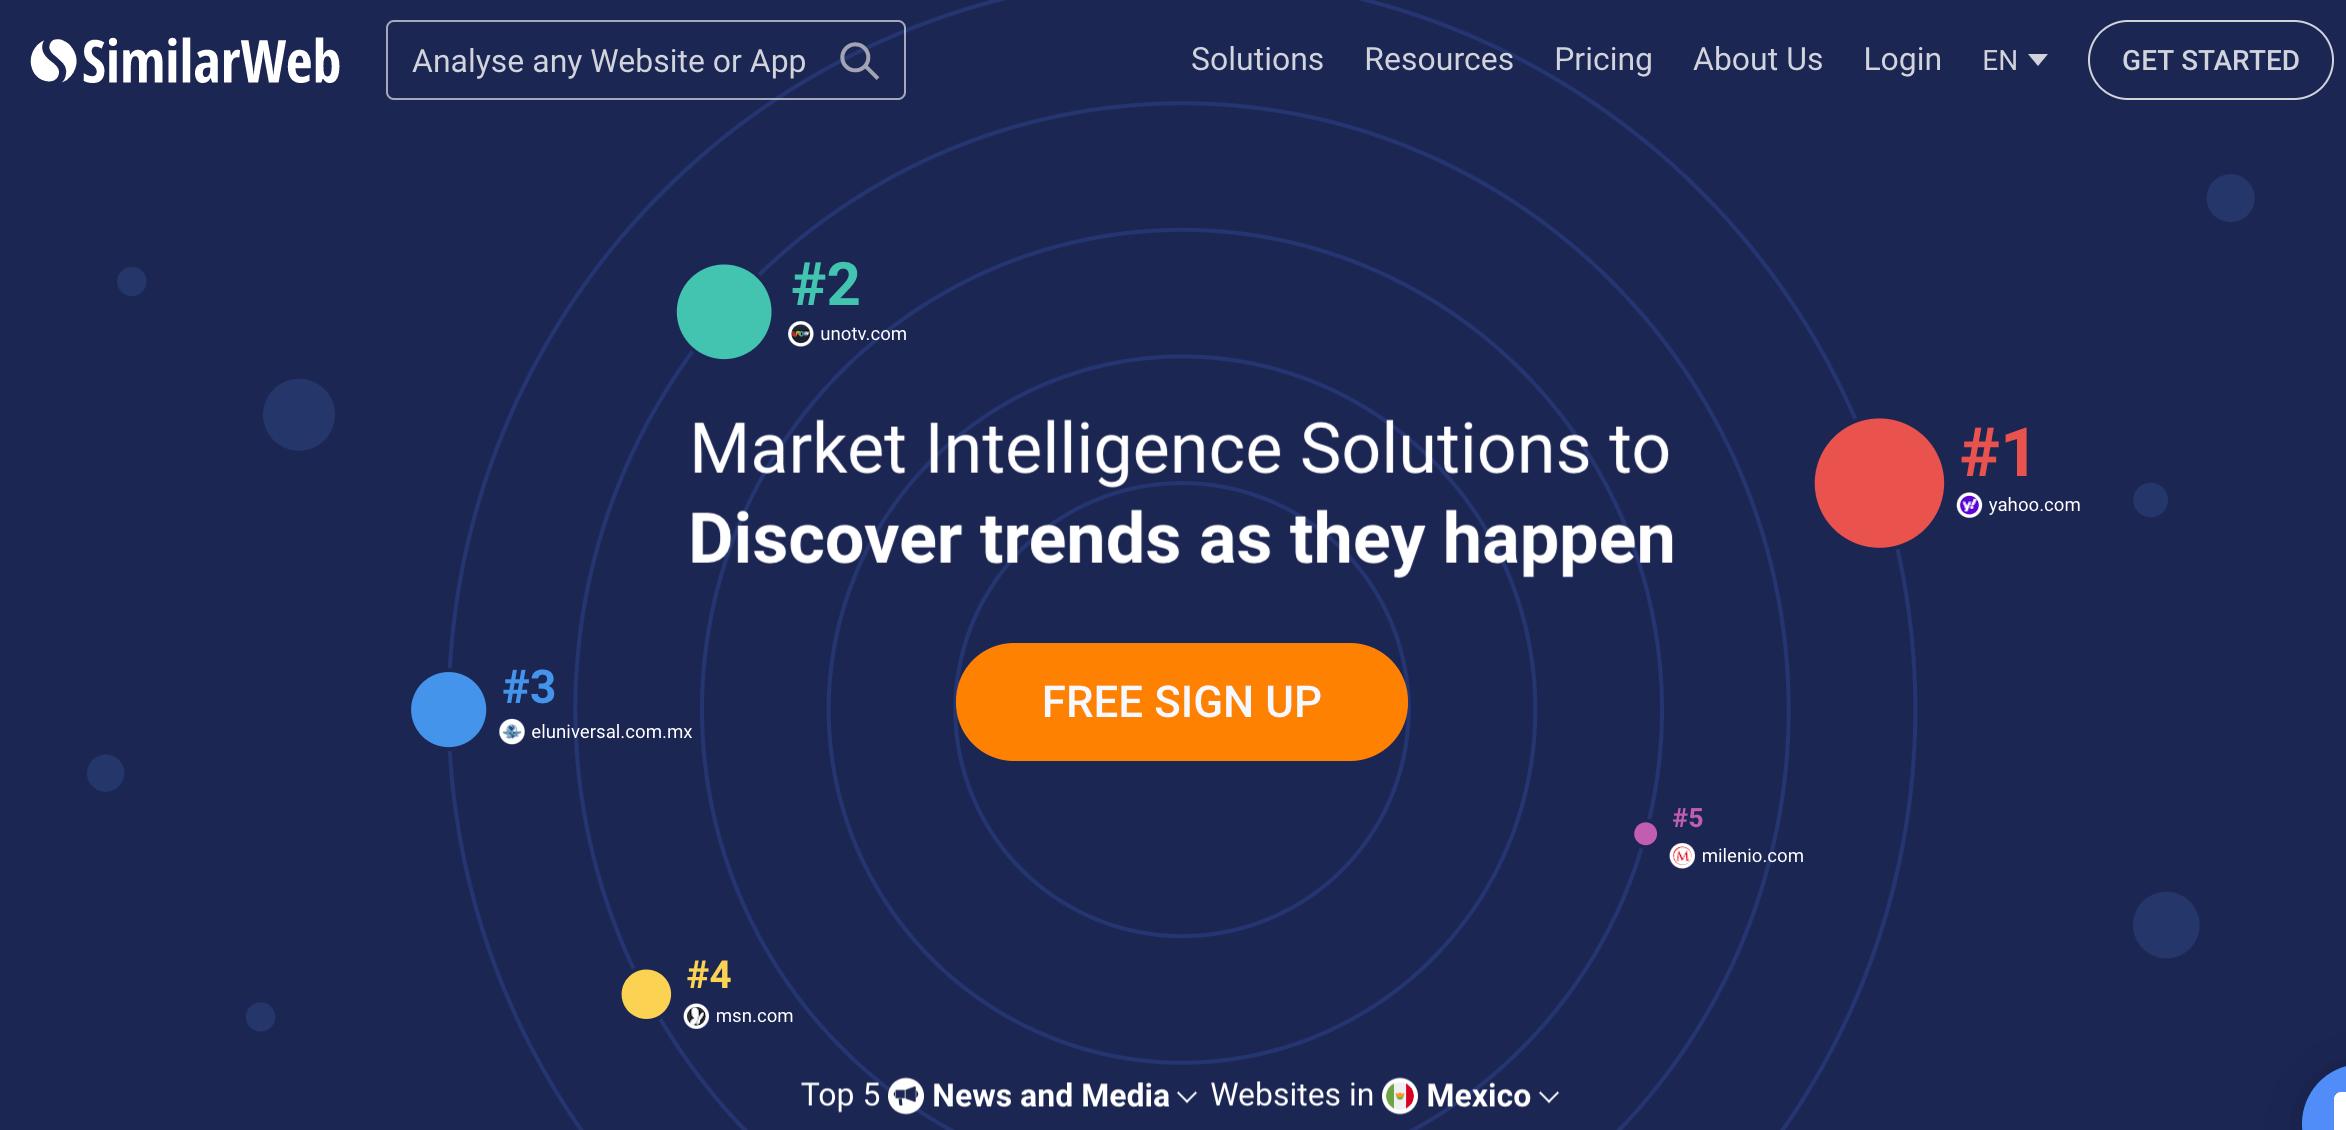 SimilarWeb, herramienta para conocer tendencias y palabras clave